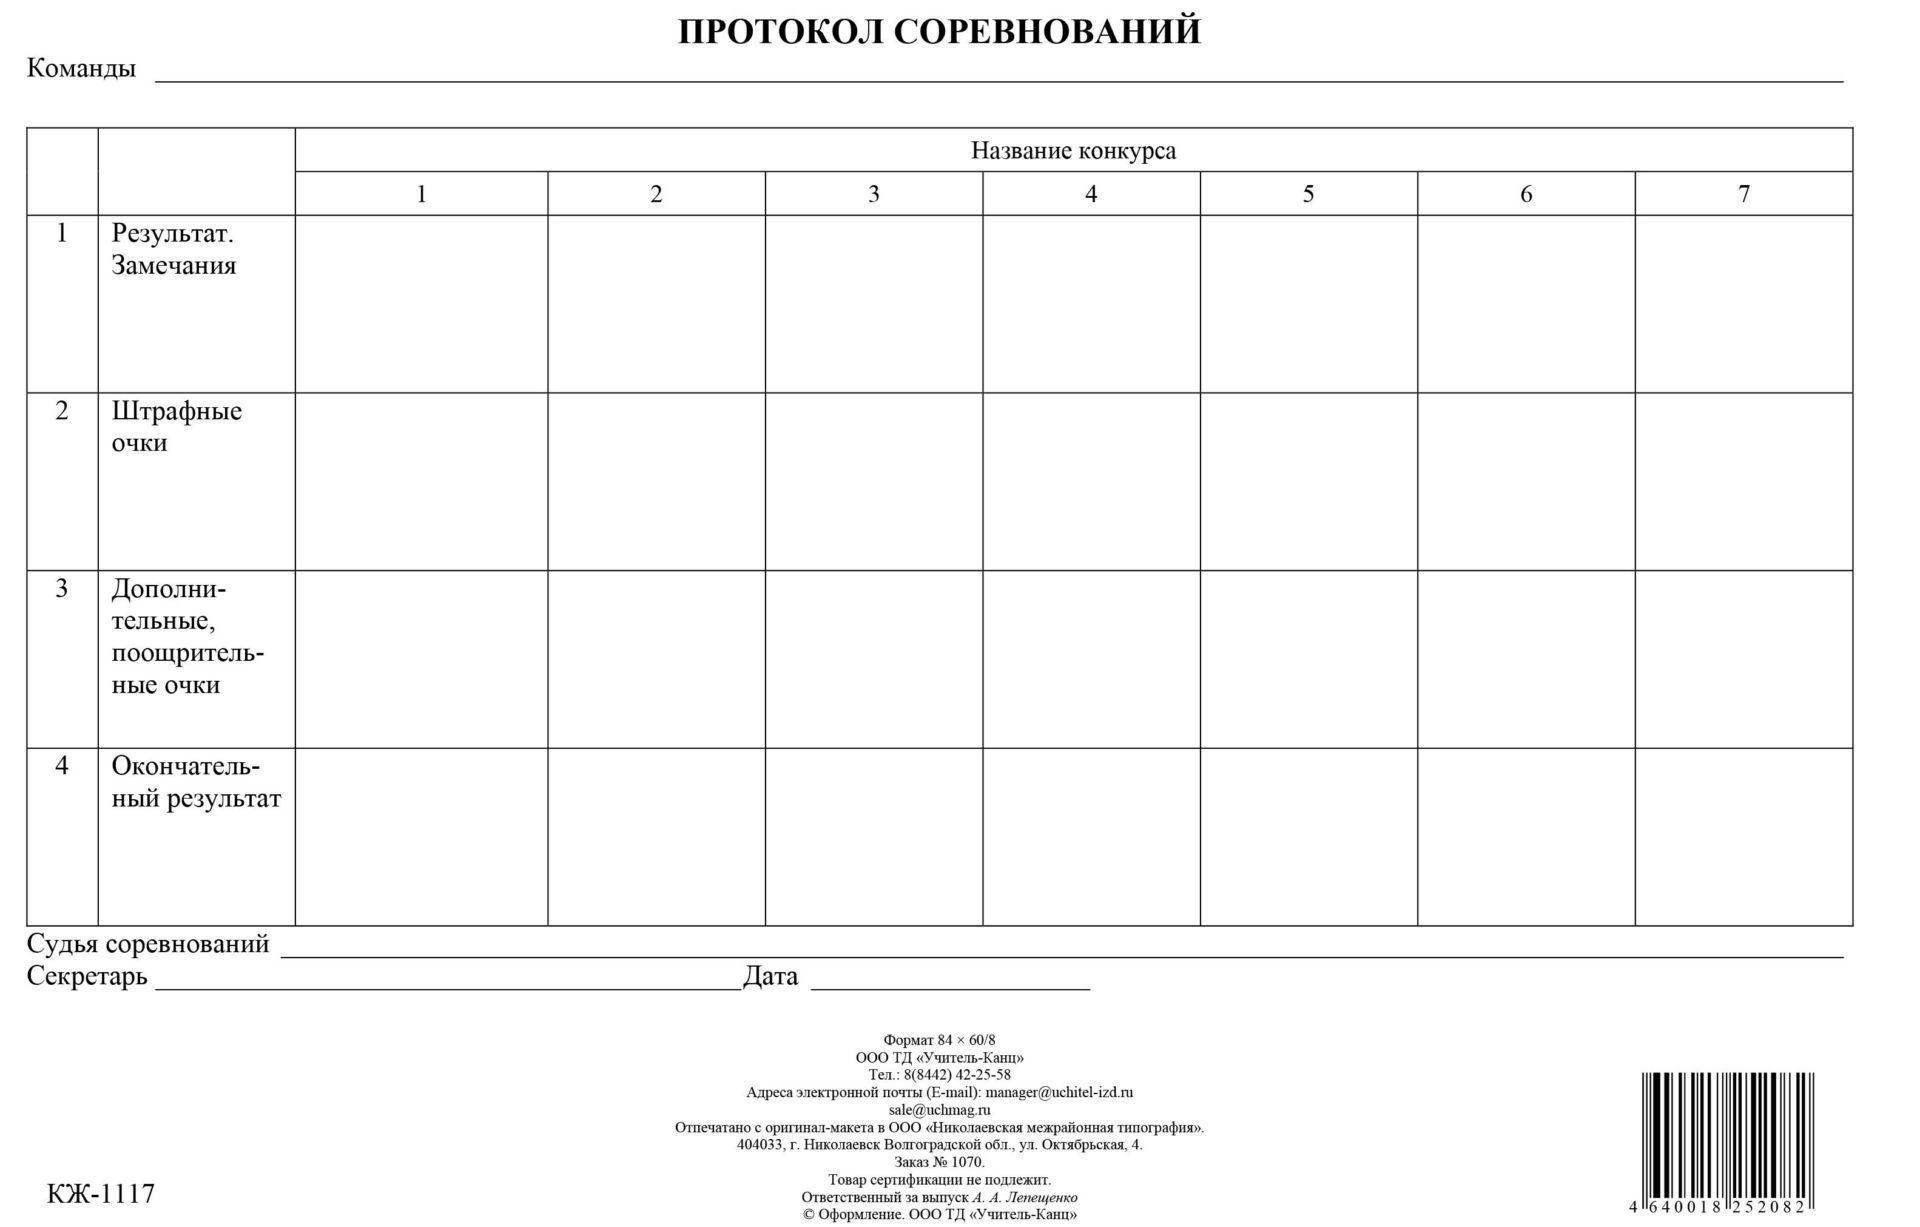 Протокол соревнований: (упаковка 100 шт.)Бланки<br>.<br><br>Авторы: Попова Г. П.<br>Год: 2018<br>Высота: 285<br>Ширина: 197<br>Переплёт: бланк